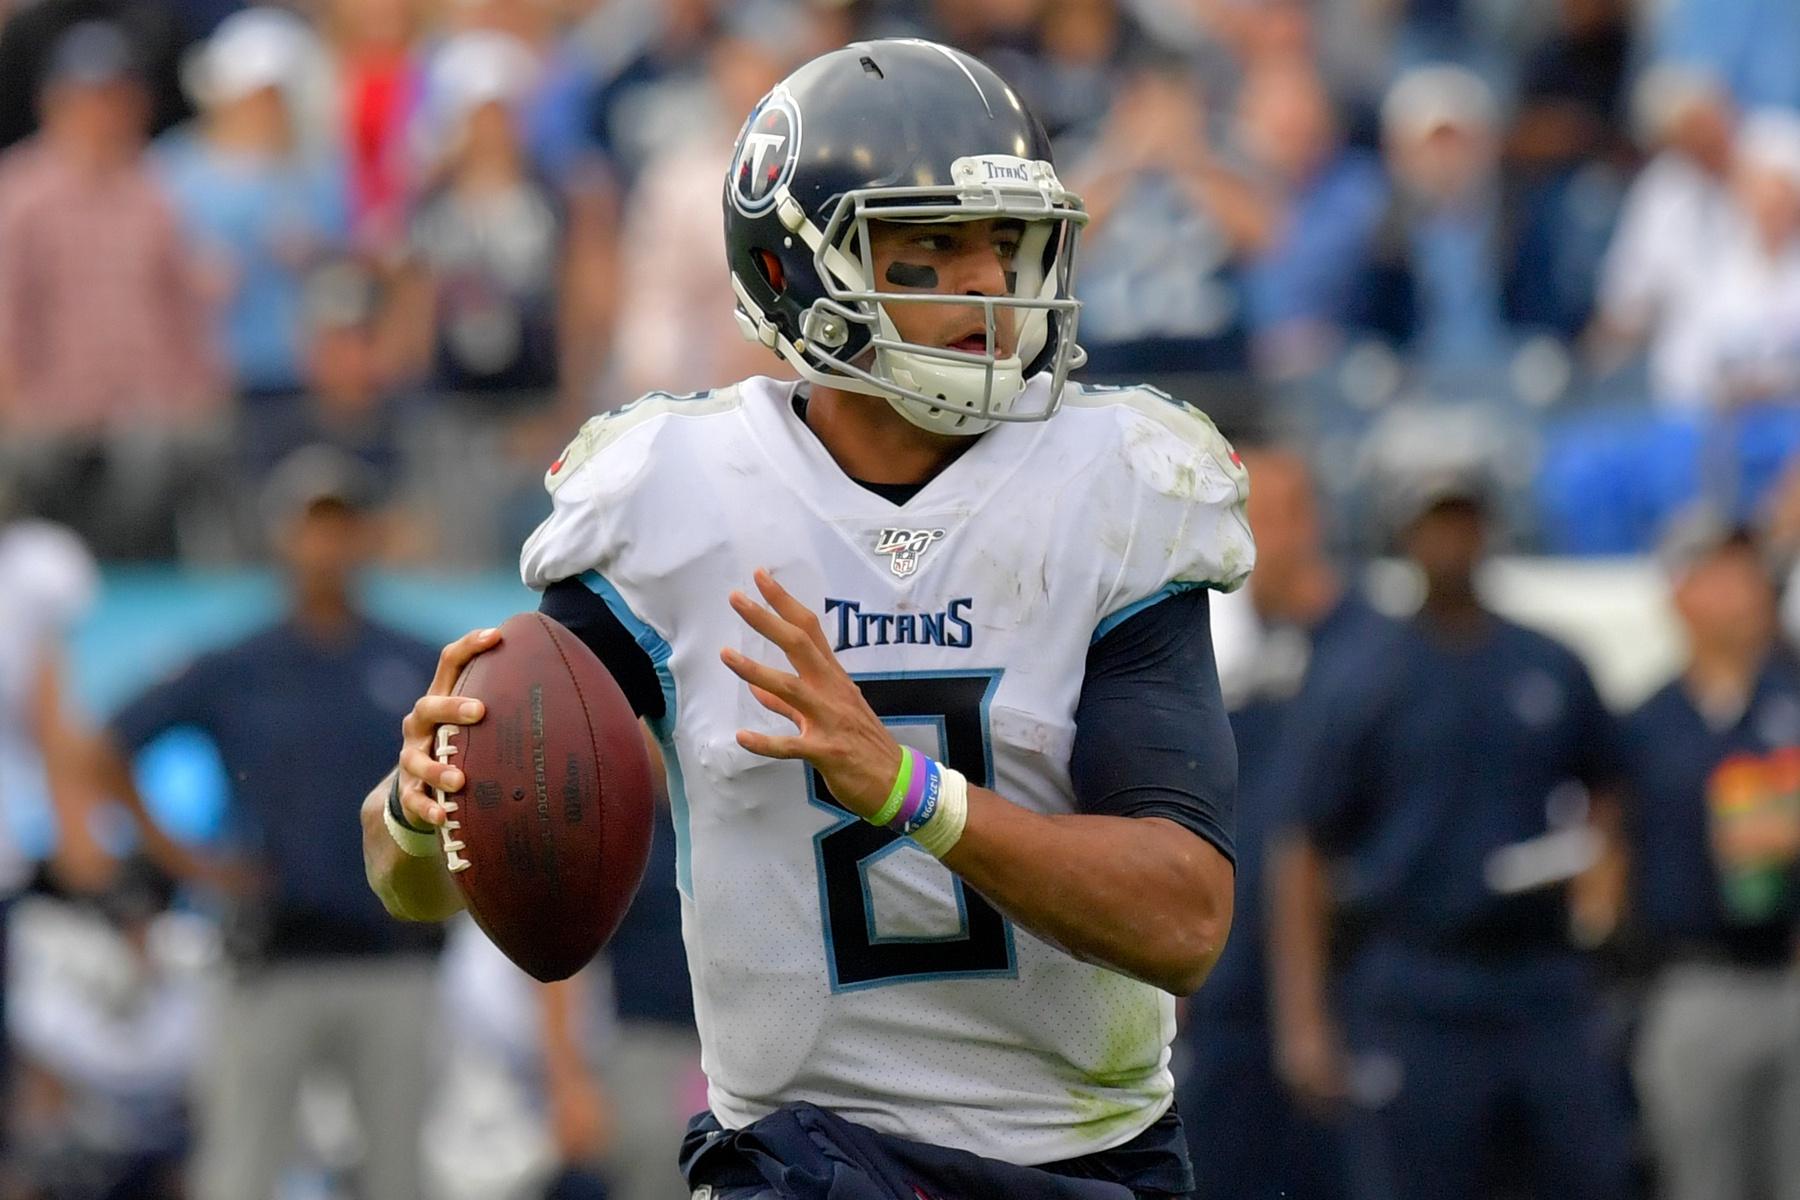 How The Broncos Win: Thwarting Titans QB Marcus Mariota